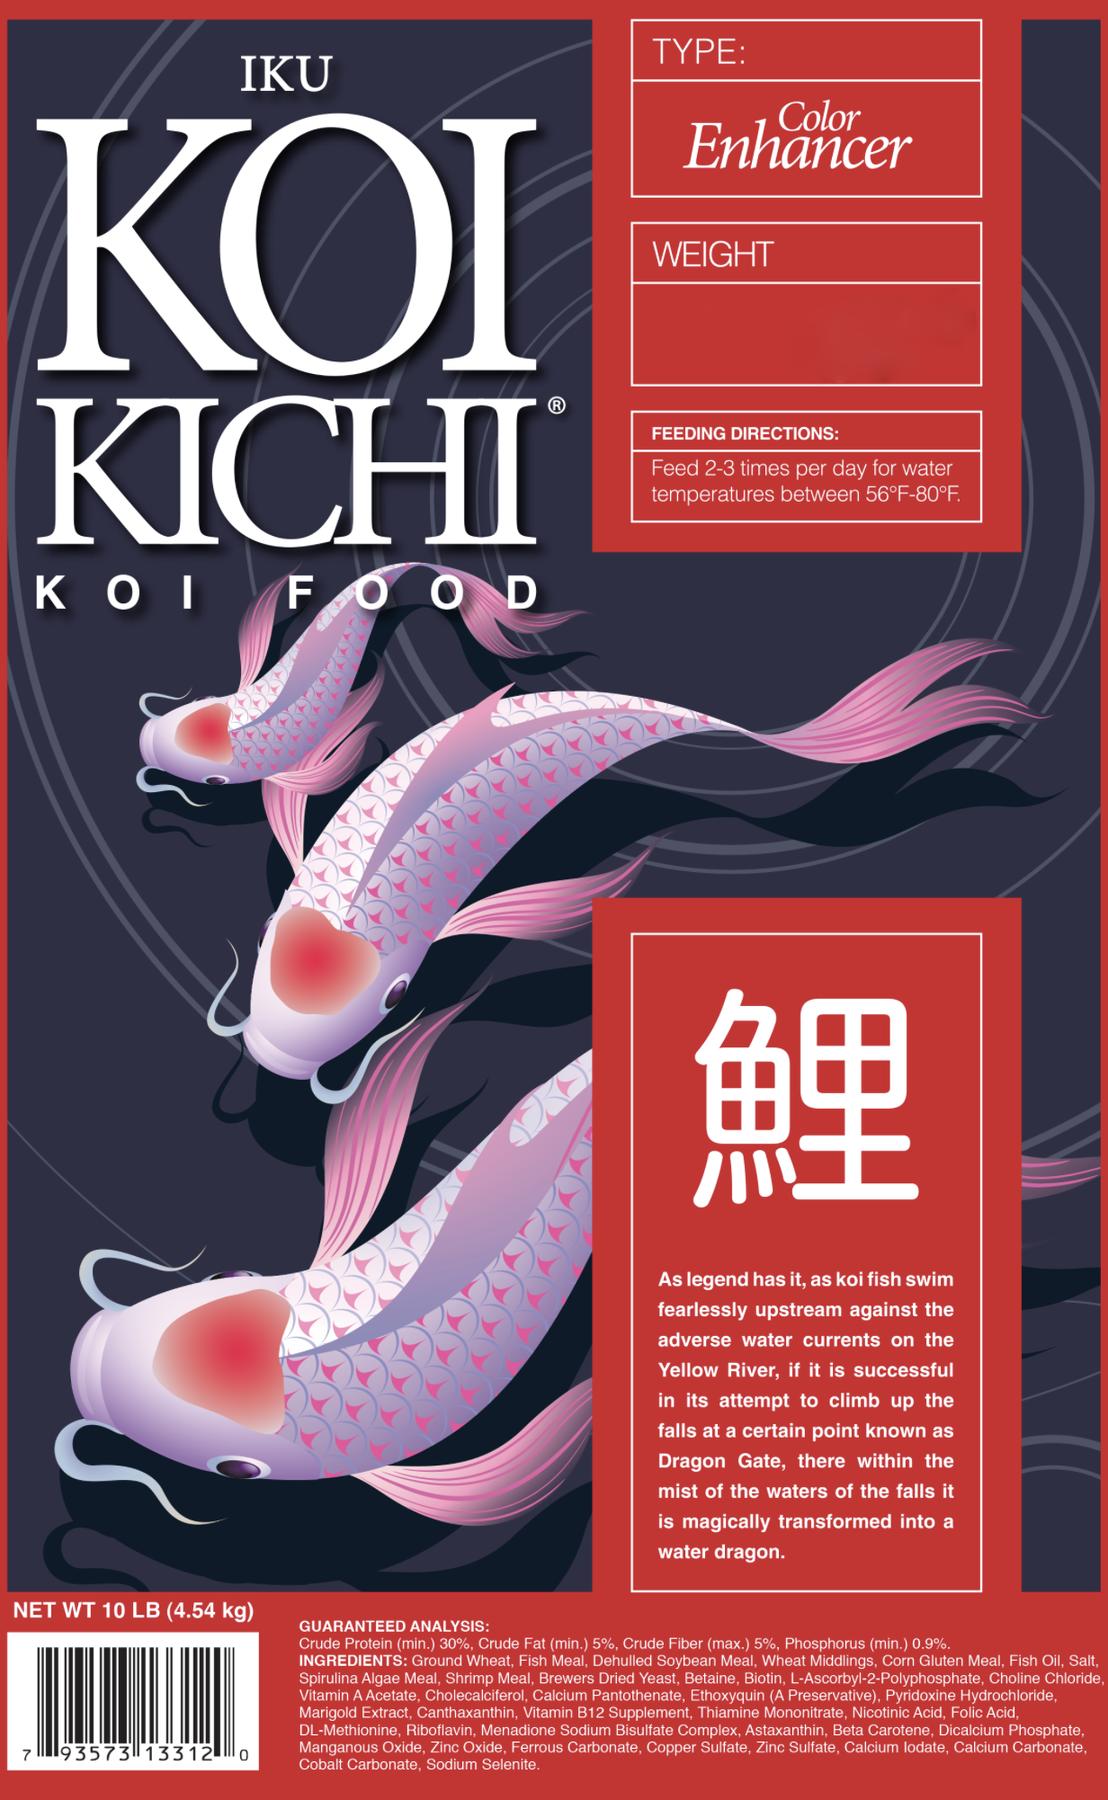 Iku Koi Kichi Color Enhancer Koi Fish Food - 16 lbs. (Bucket)